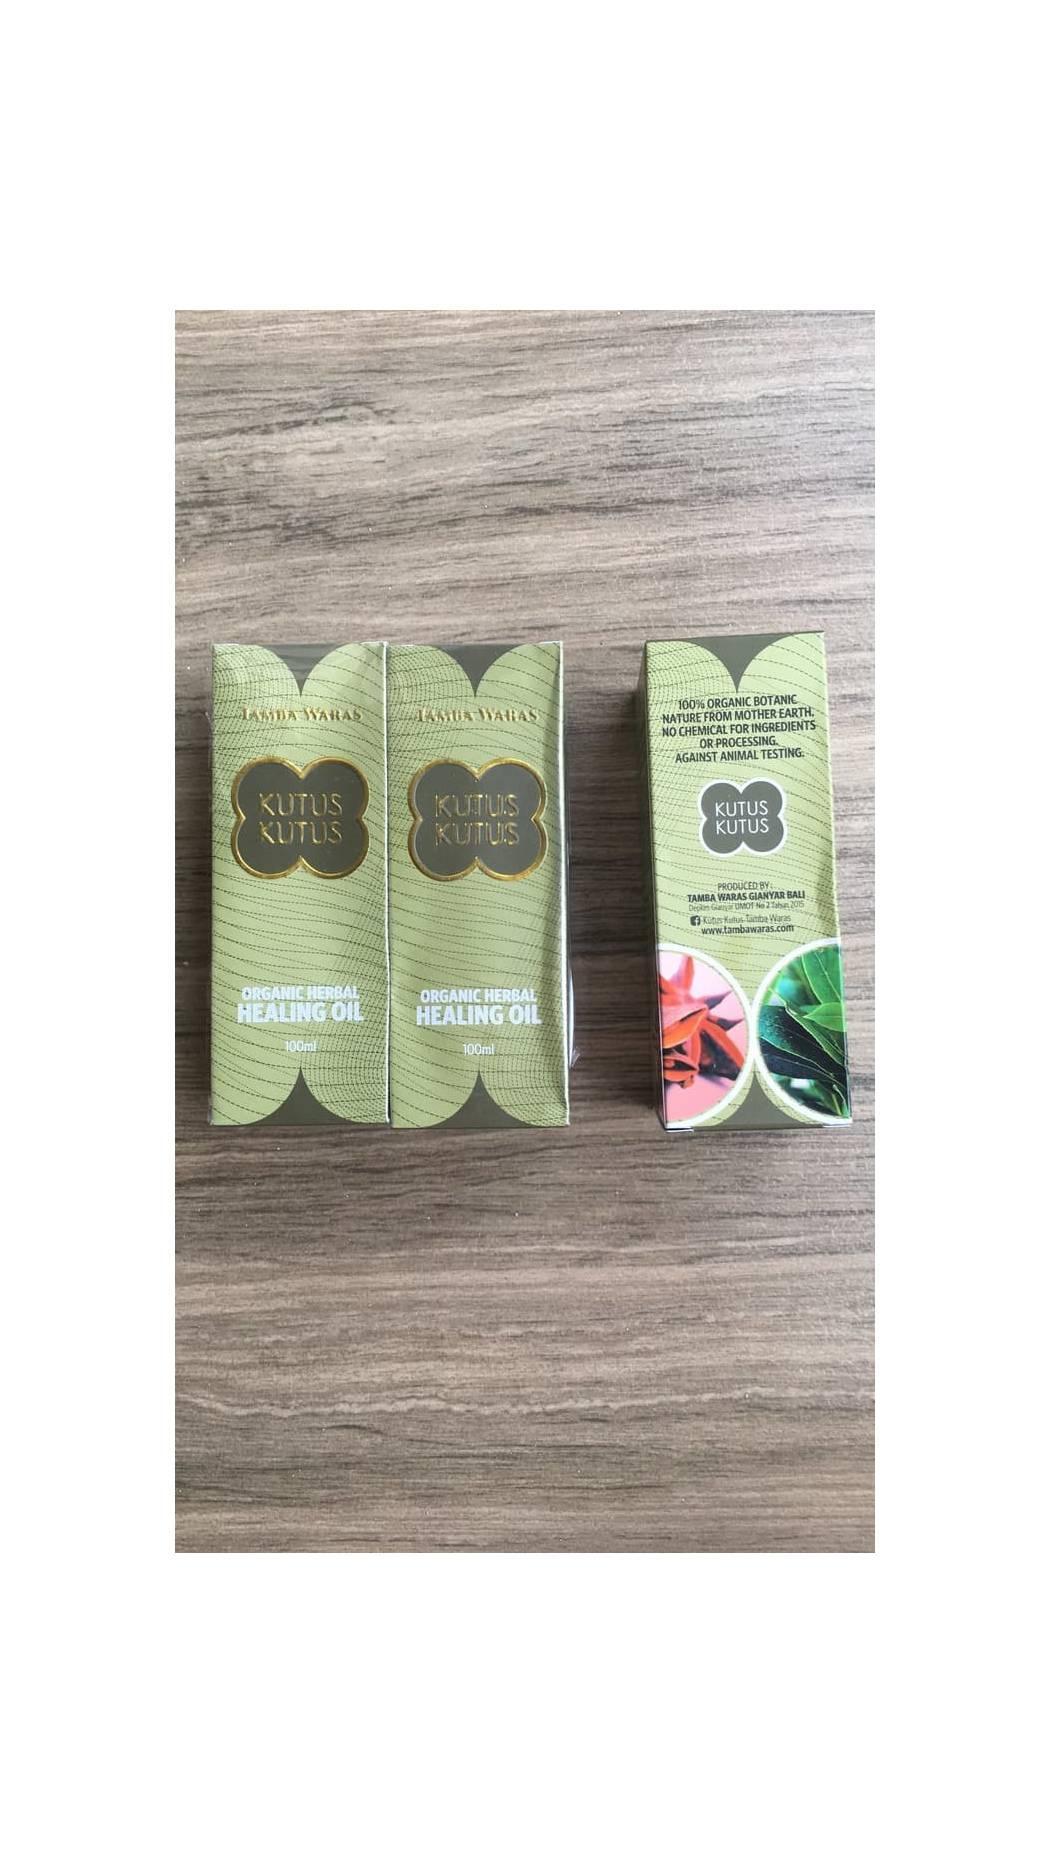 minyak kutus kutus/ herbal produksi tamba waras gianyar bali